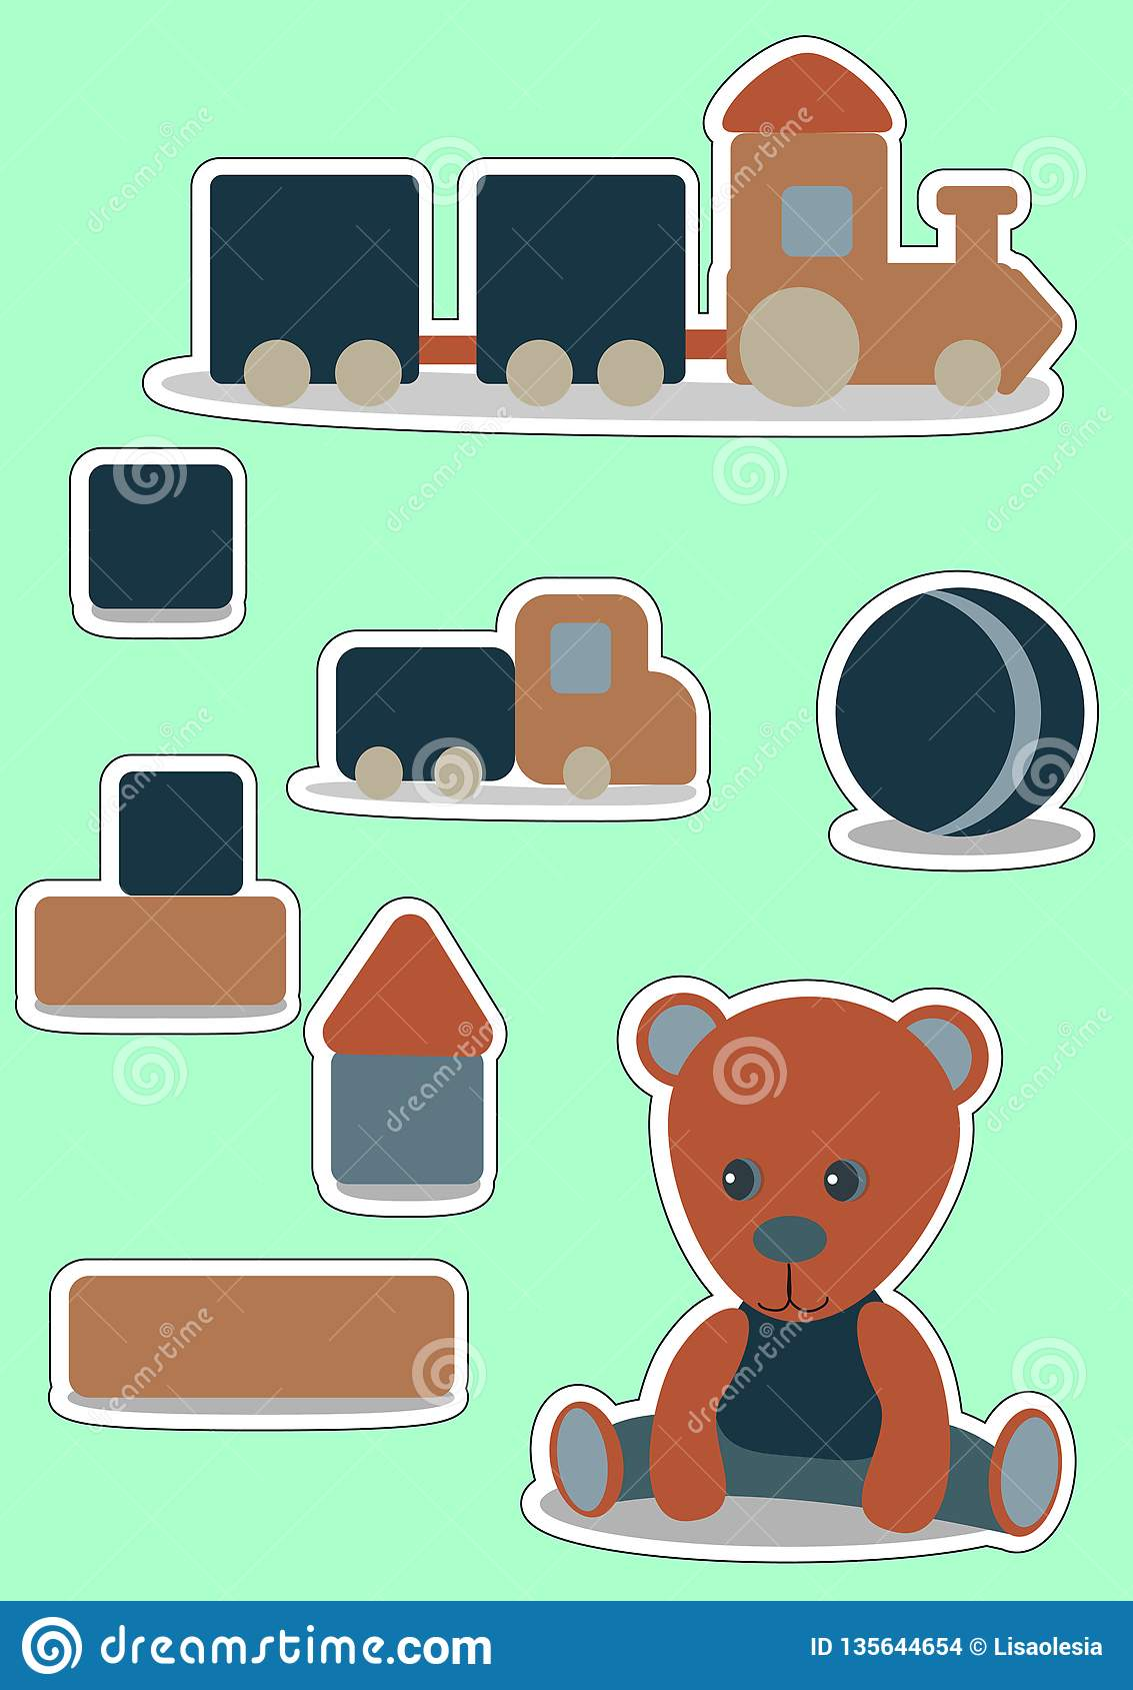 玩具熊男孩的集合贴纸 戏弄木 标签的,价牌,横幅,小块笔记传染媒介例证